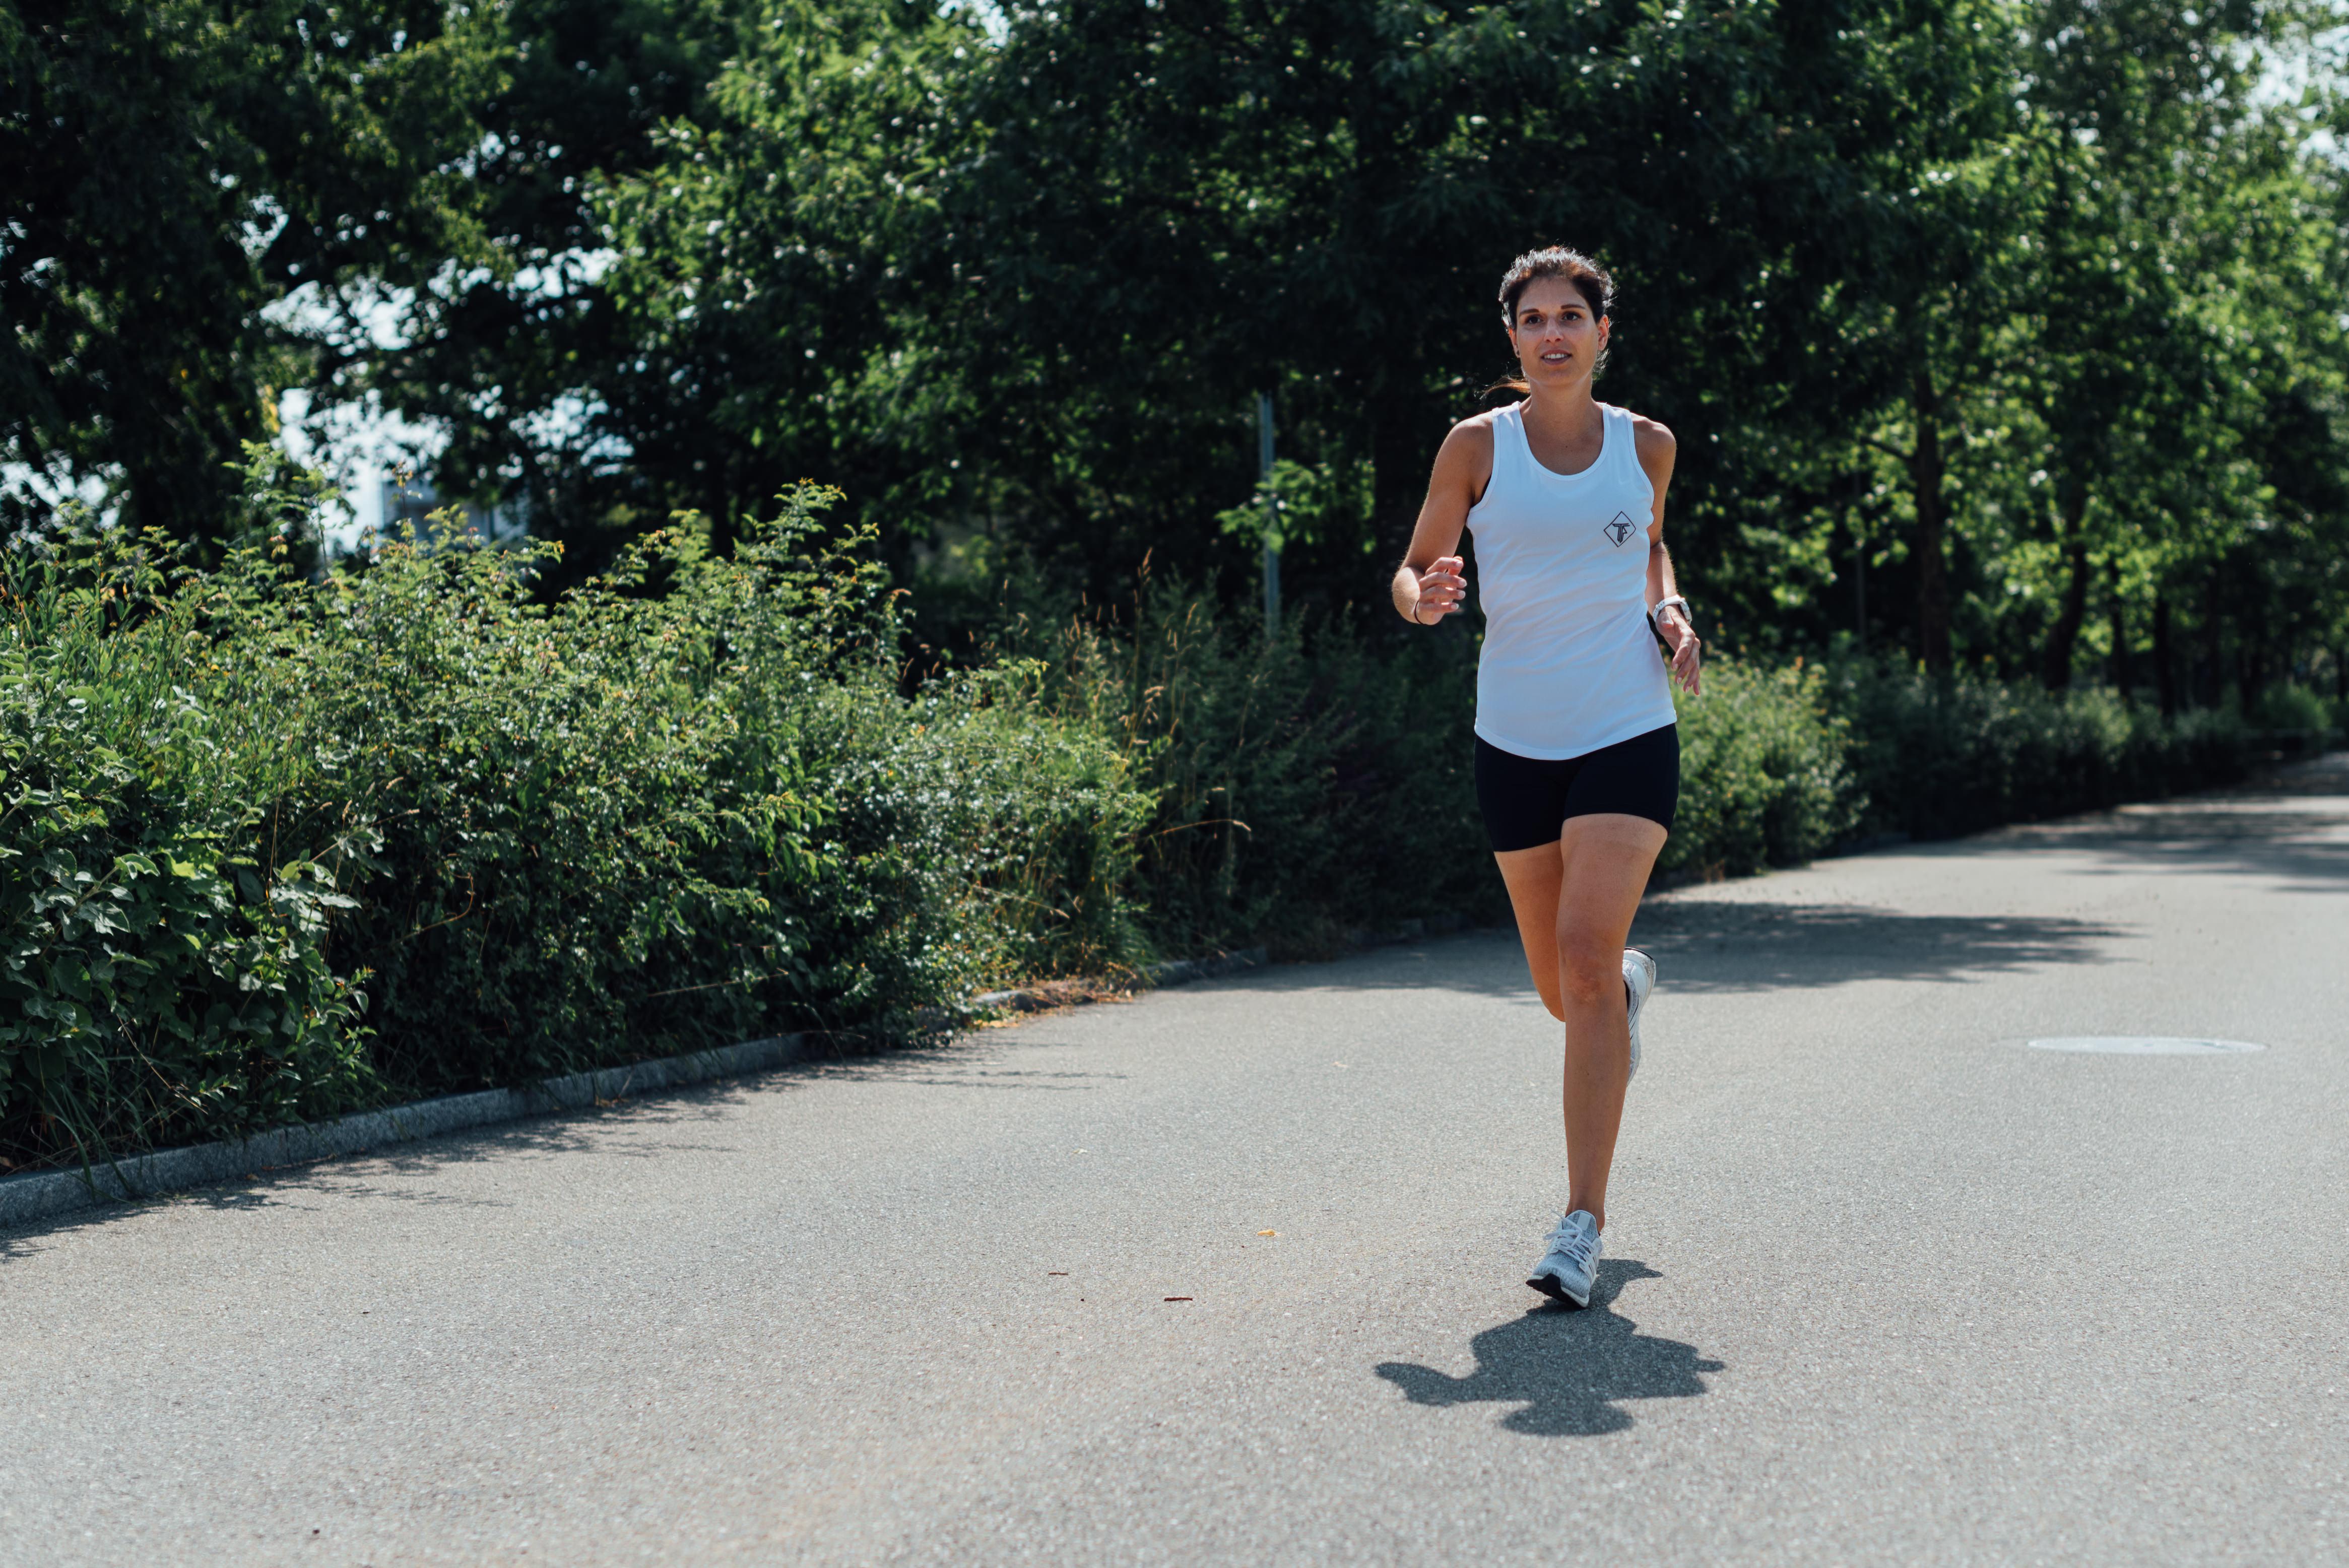 Tania am joggen